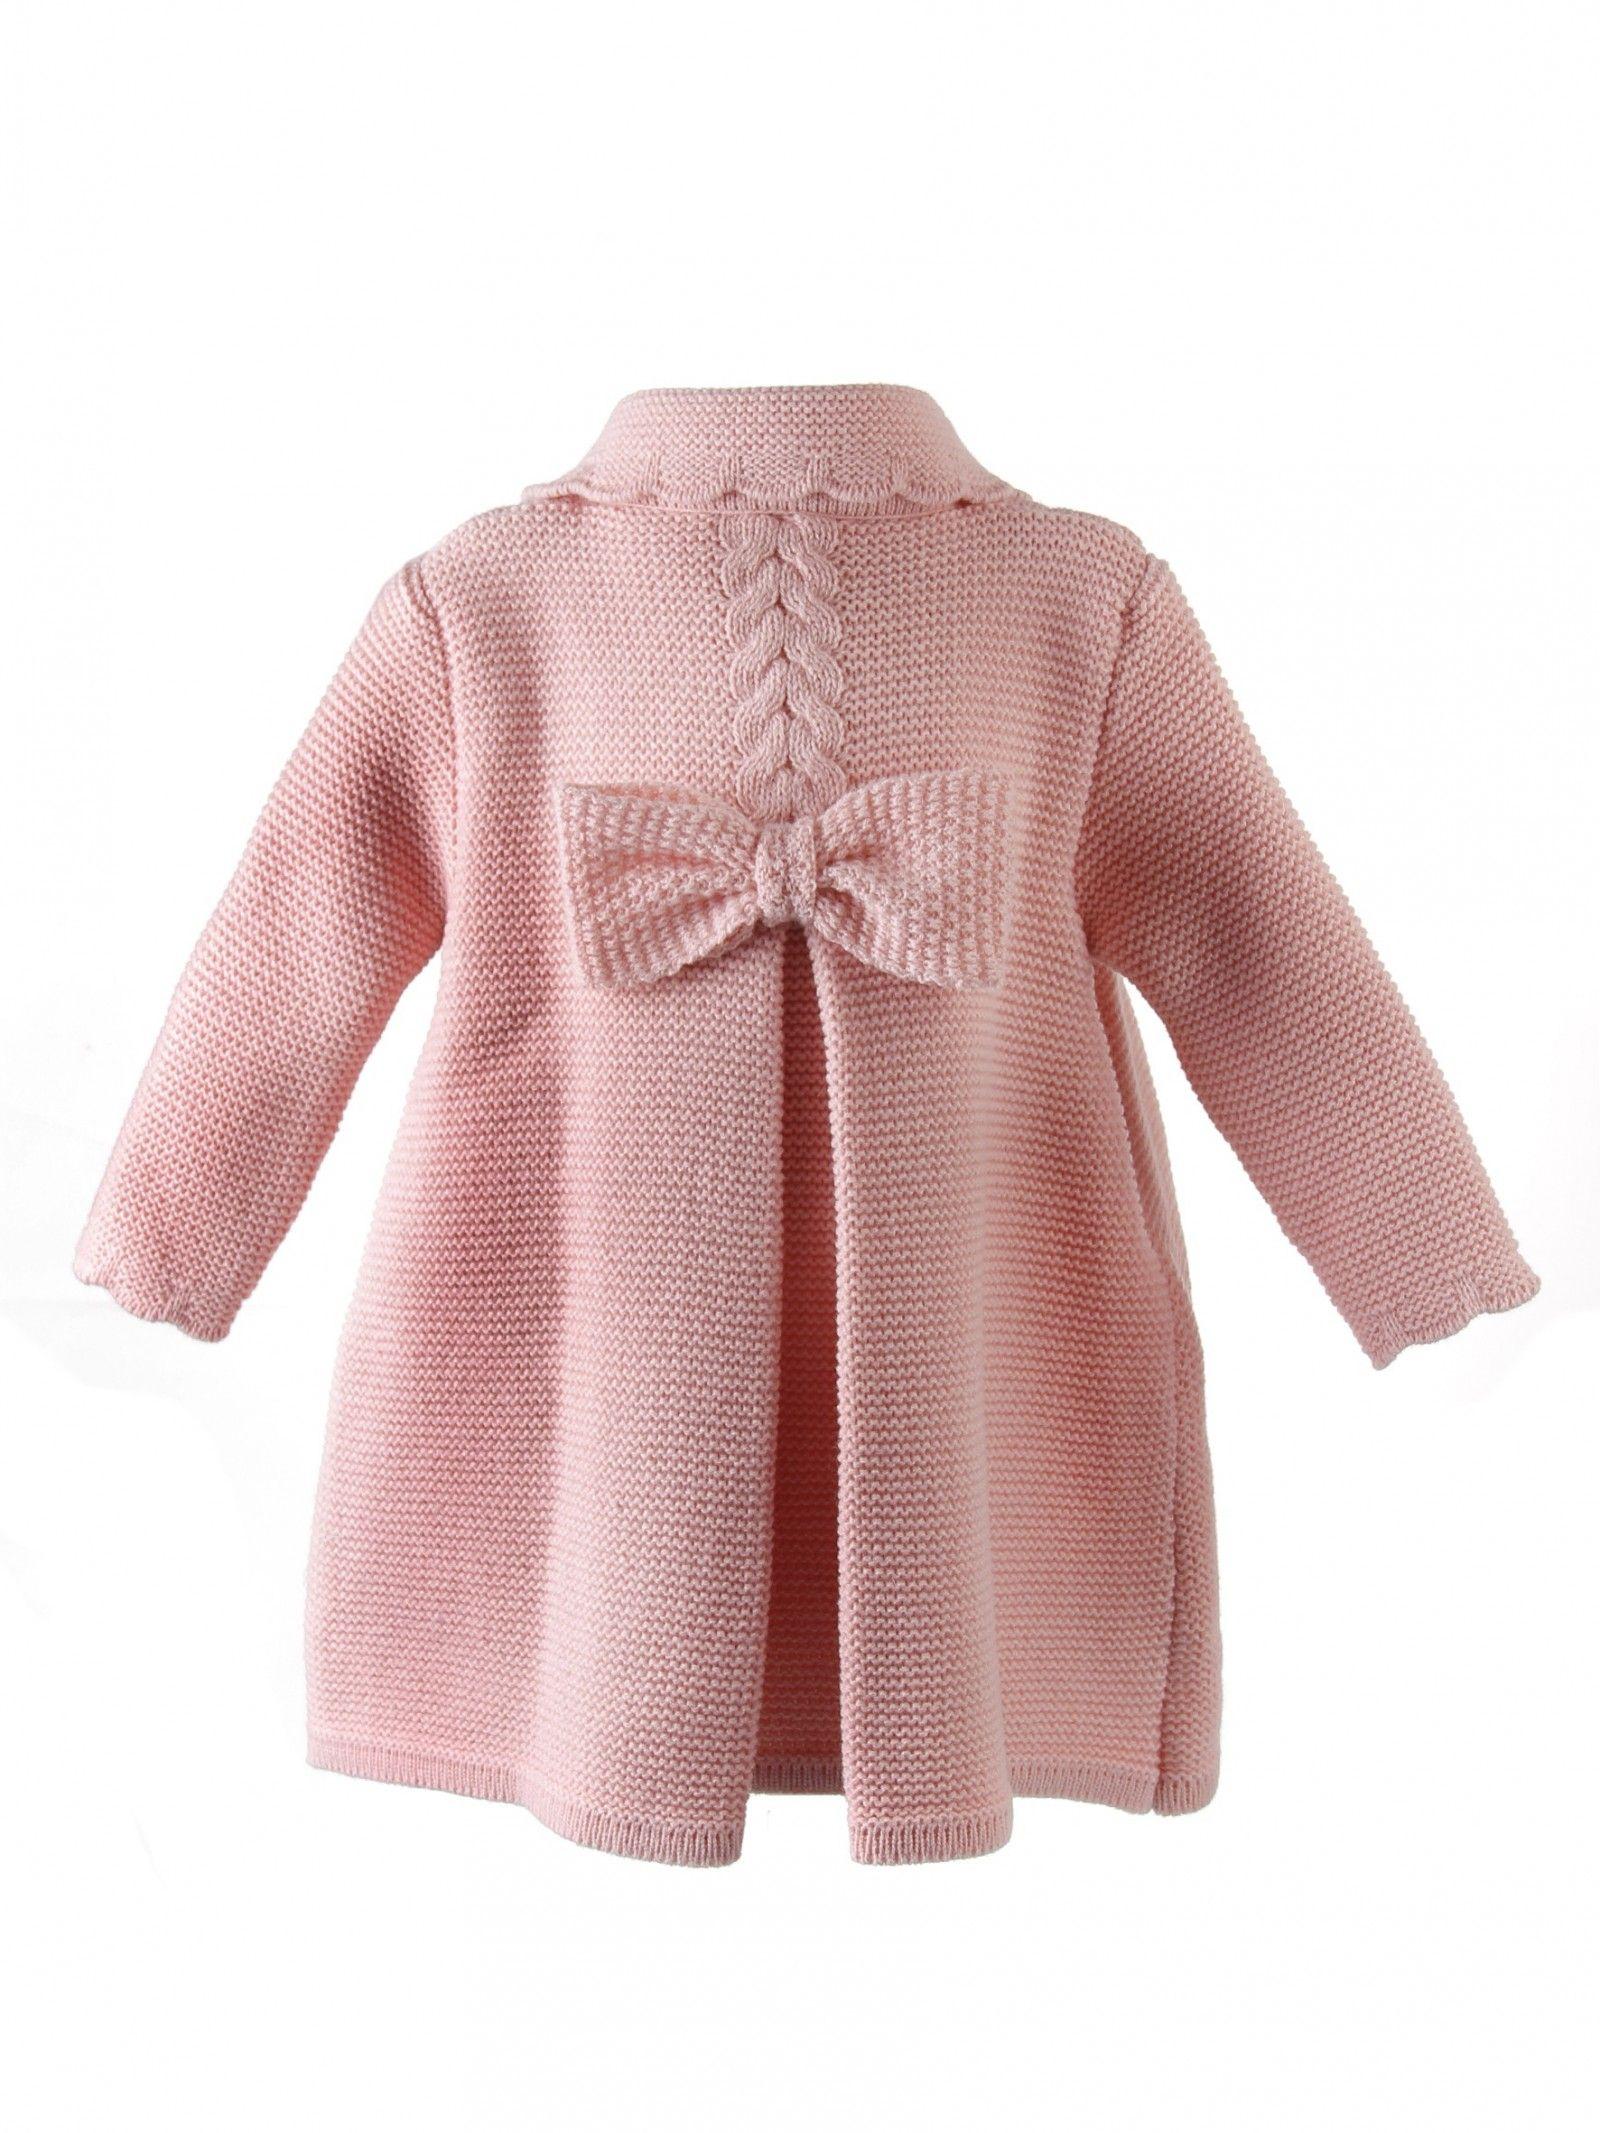 48409a4b0 Abrigo de lana para niña de punto bobo con ochos y lazo zapatero ...